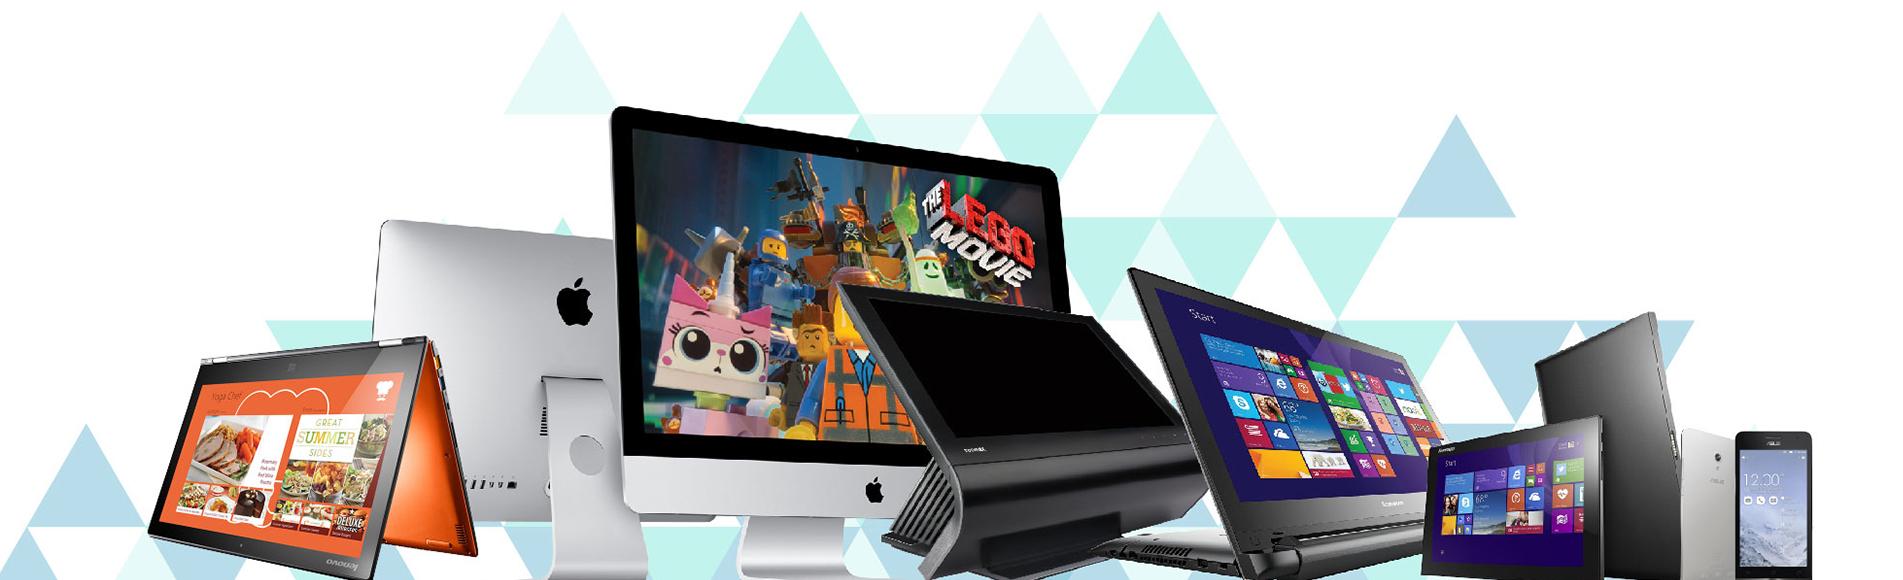 bilgisayar-masaustu-ikinci-el-nereye-satabilirim